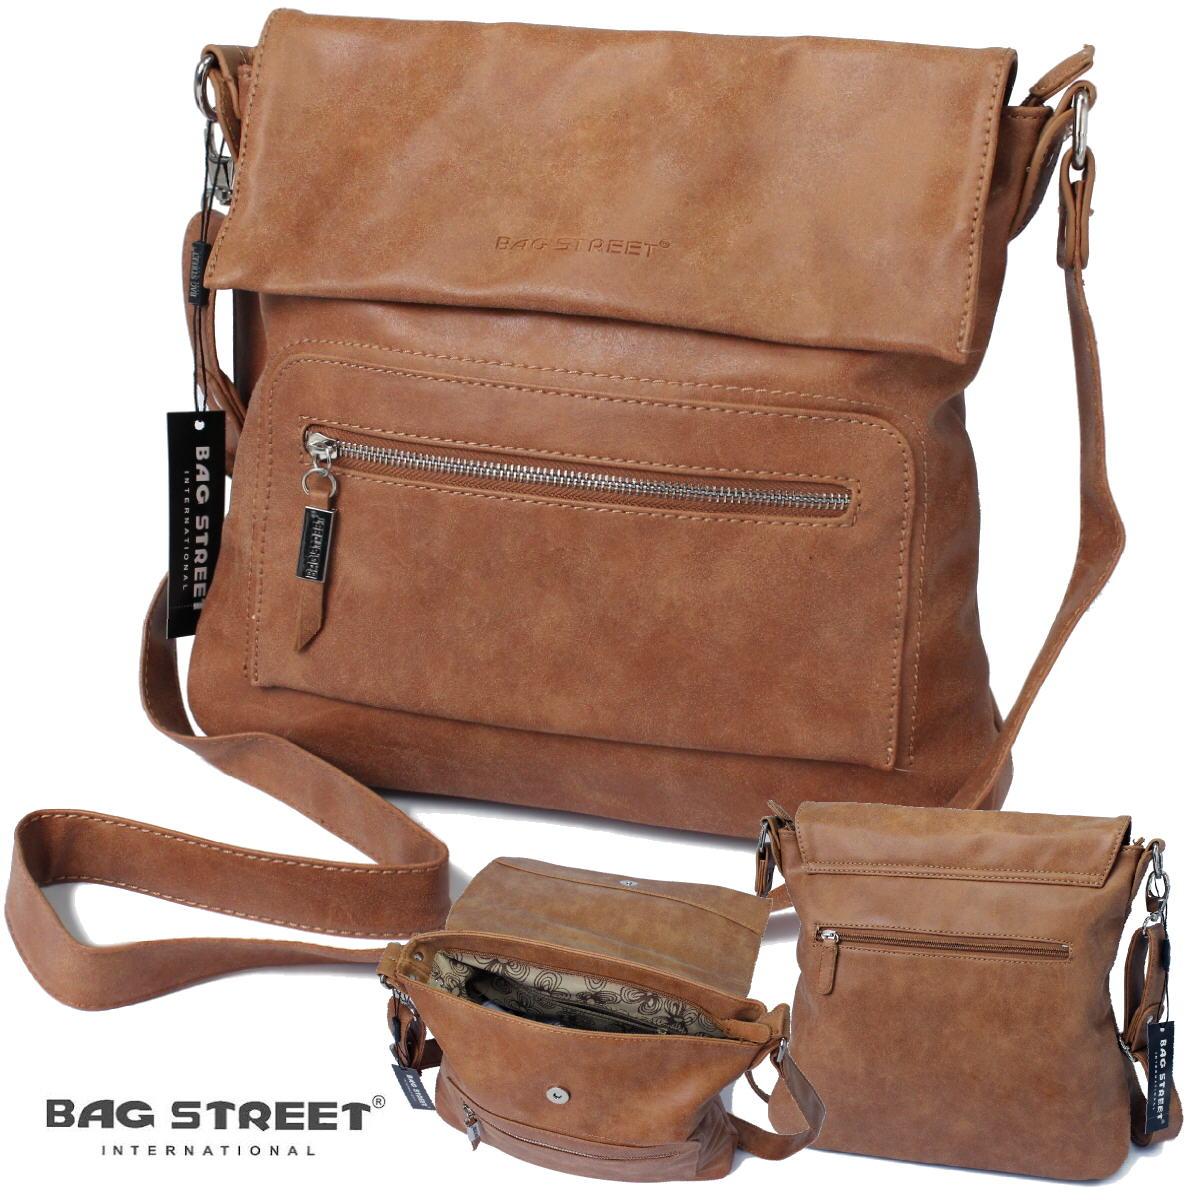 Tasche Umhängetasche Handtasche Bag Street Leder-Look camel Ta7023